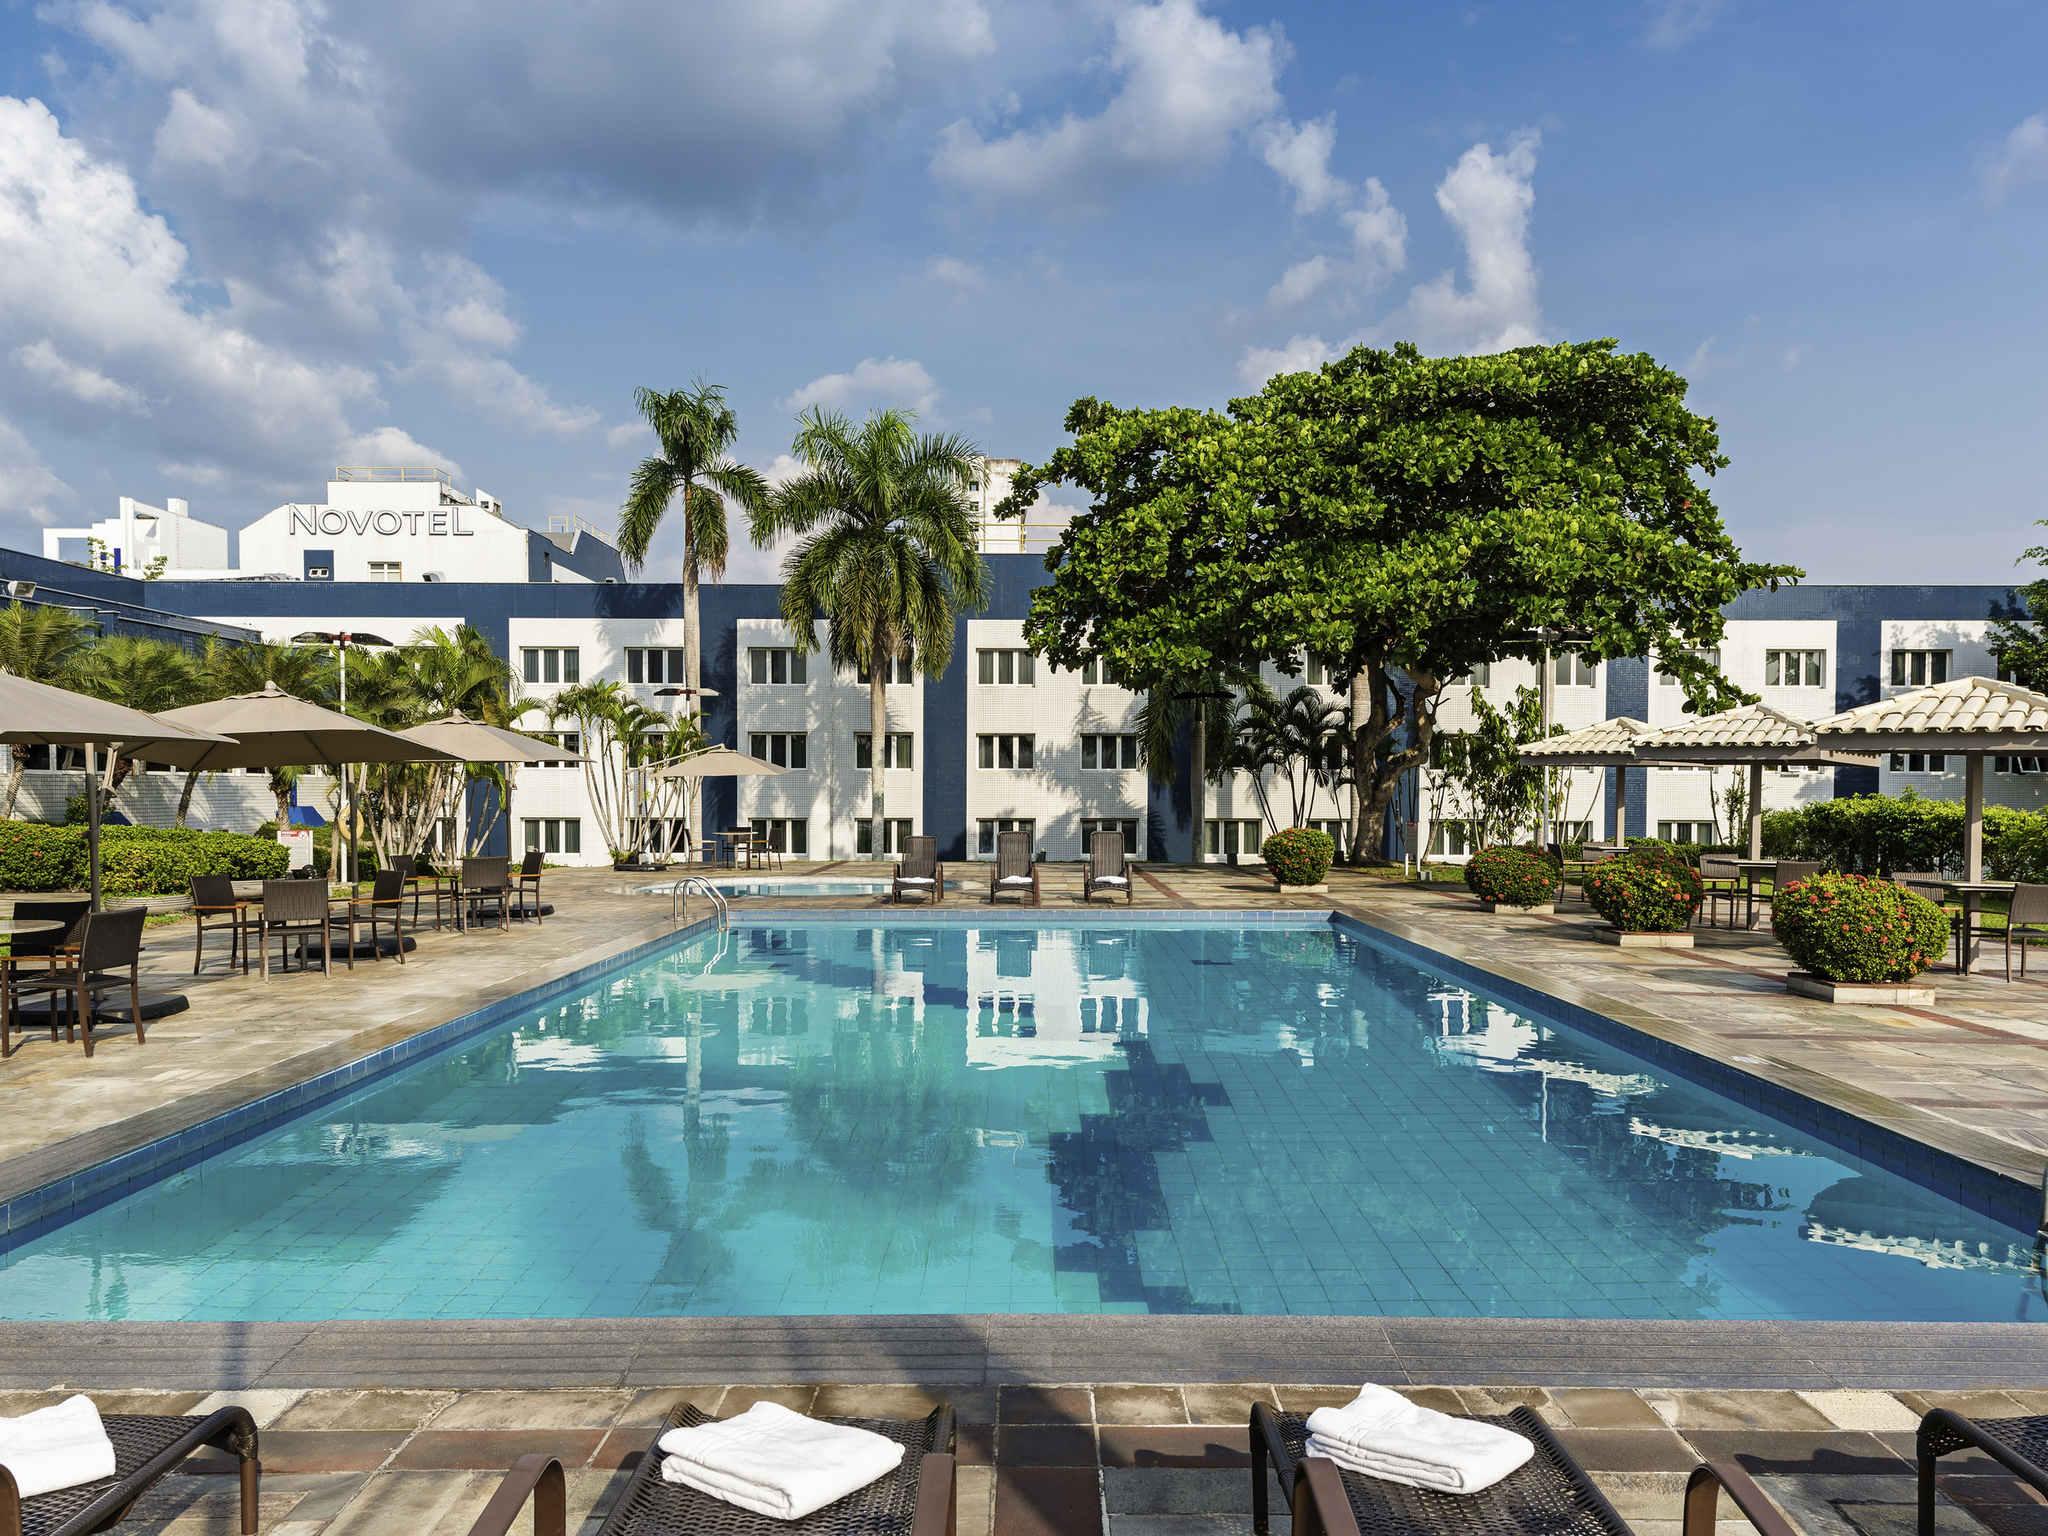 فندق - Novotel Manaus